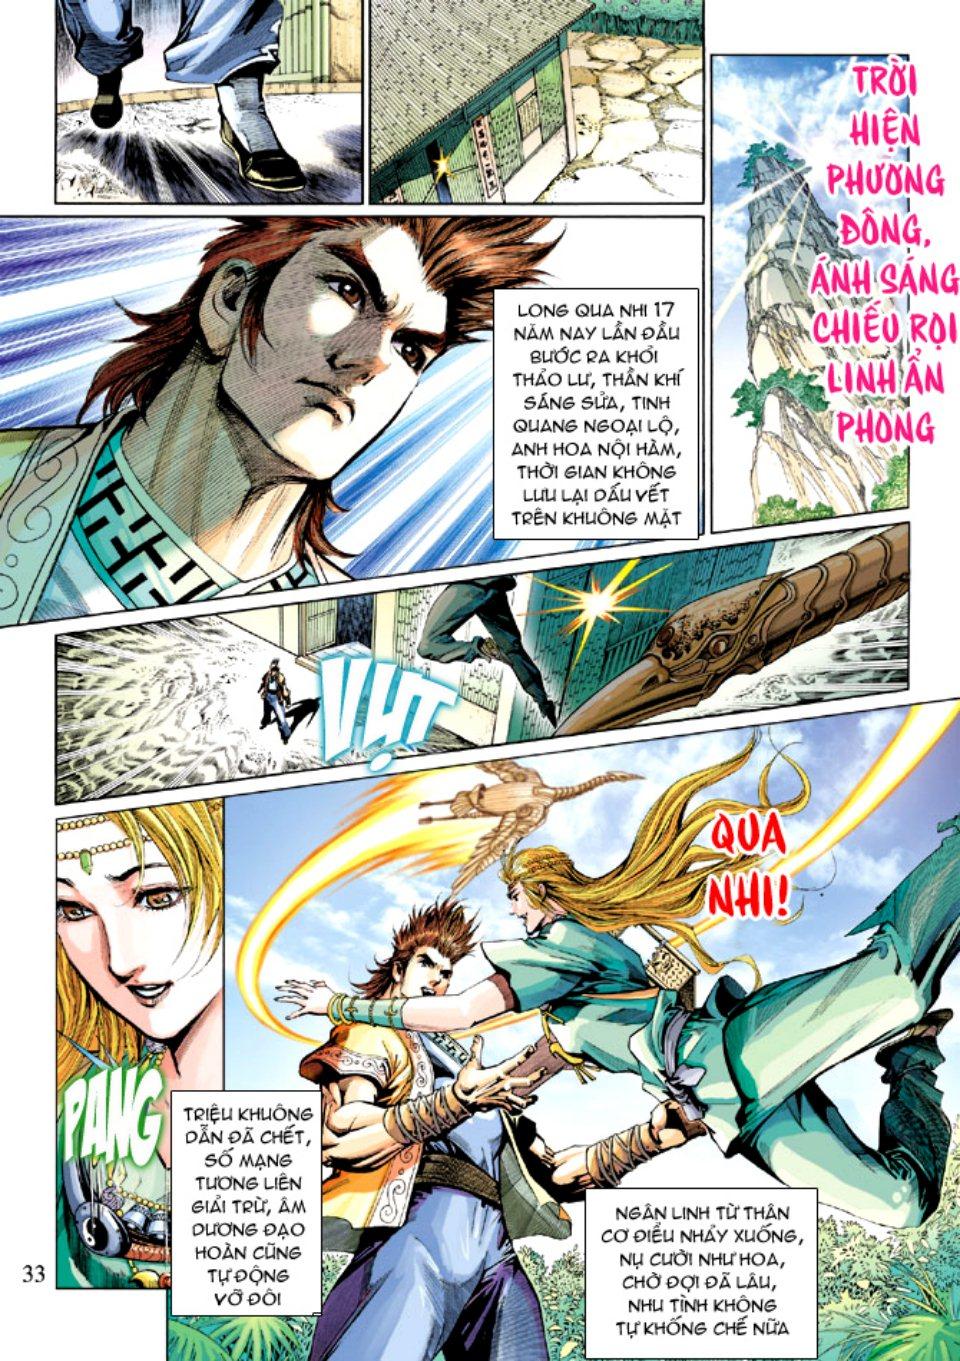 Thiên Tử Truyền Kỳ 5 – Như Lai Thần Chưởng chap 214 – End Trang 32 - Mangak.info